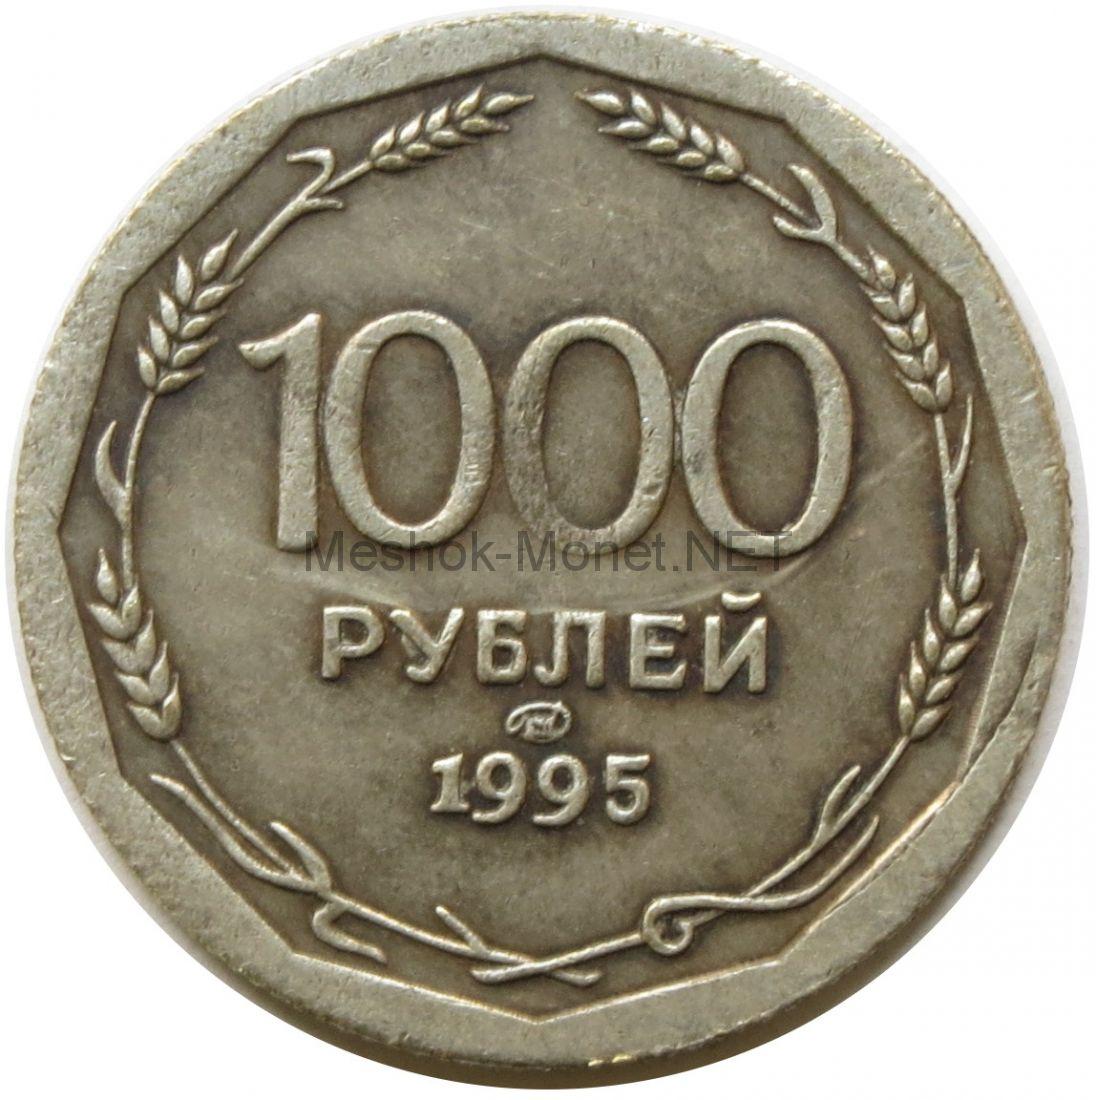 Копия 1000 рублей 1995 года.